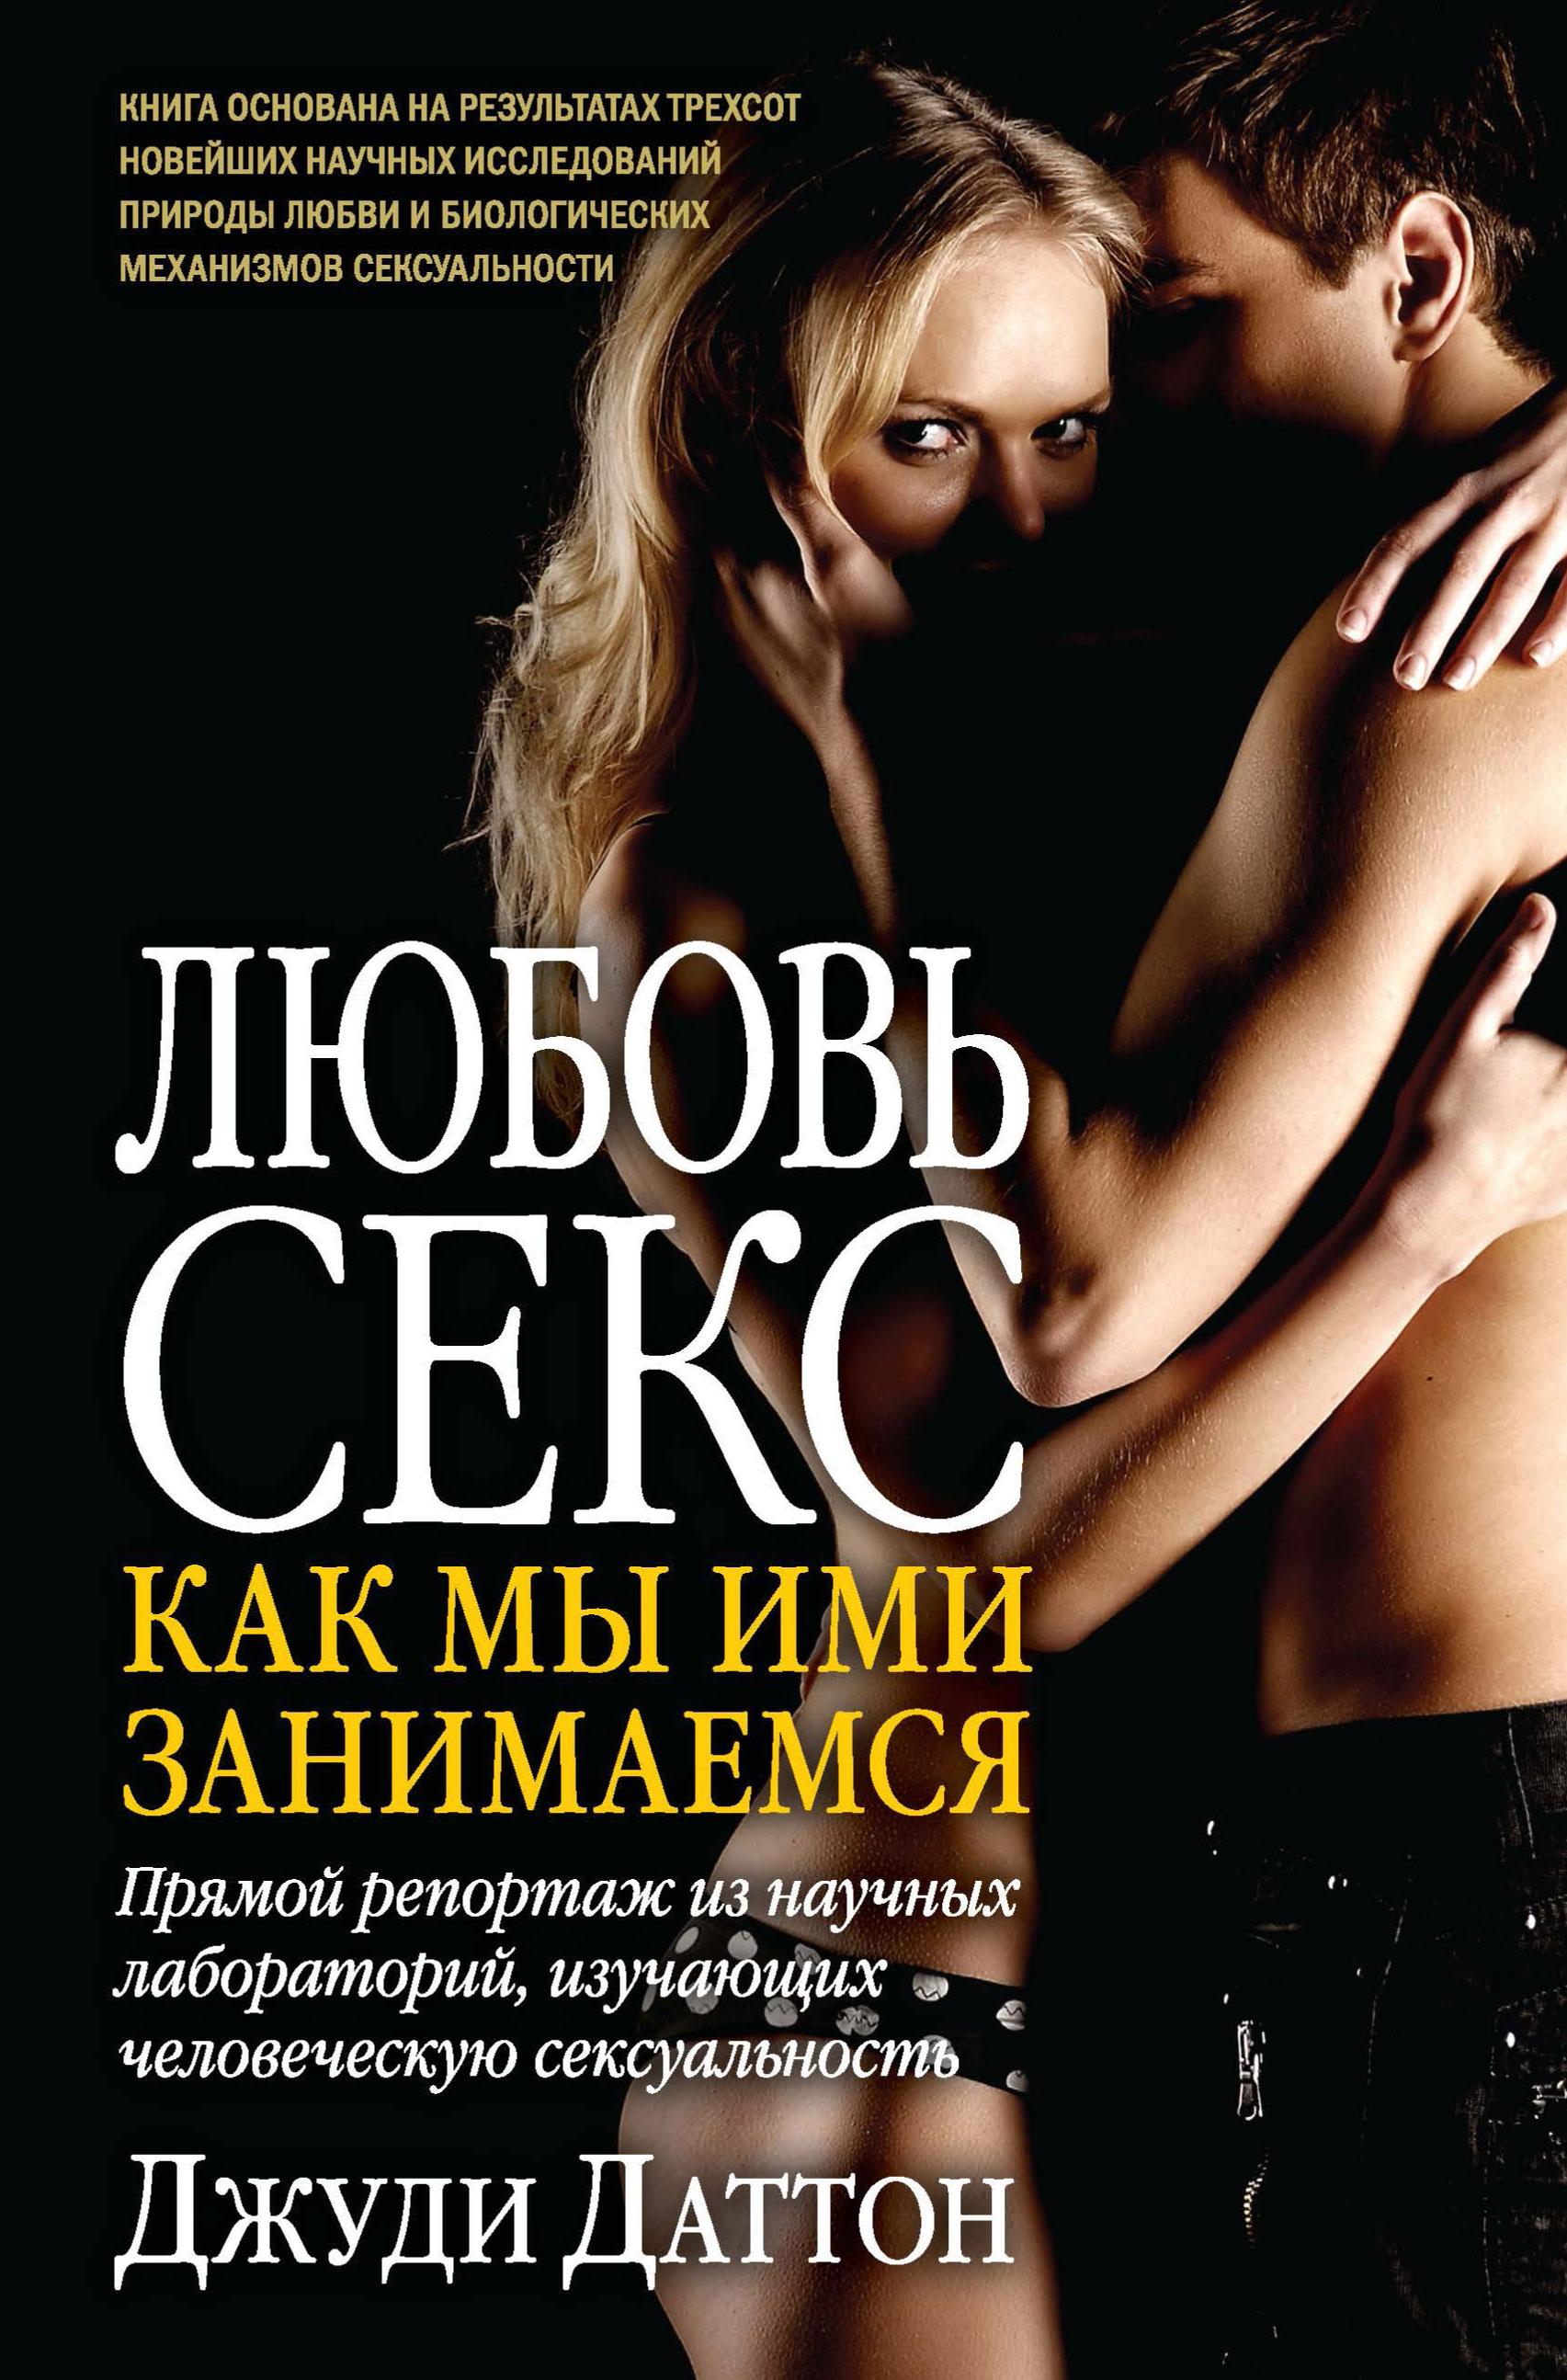 Читать книги секс 1 фотография